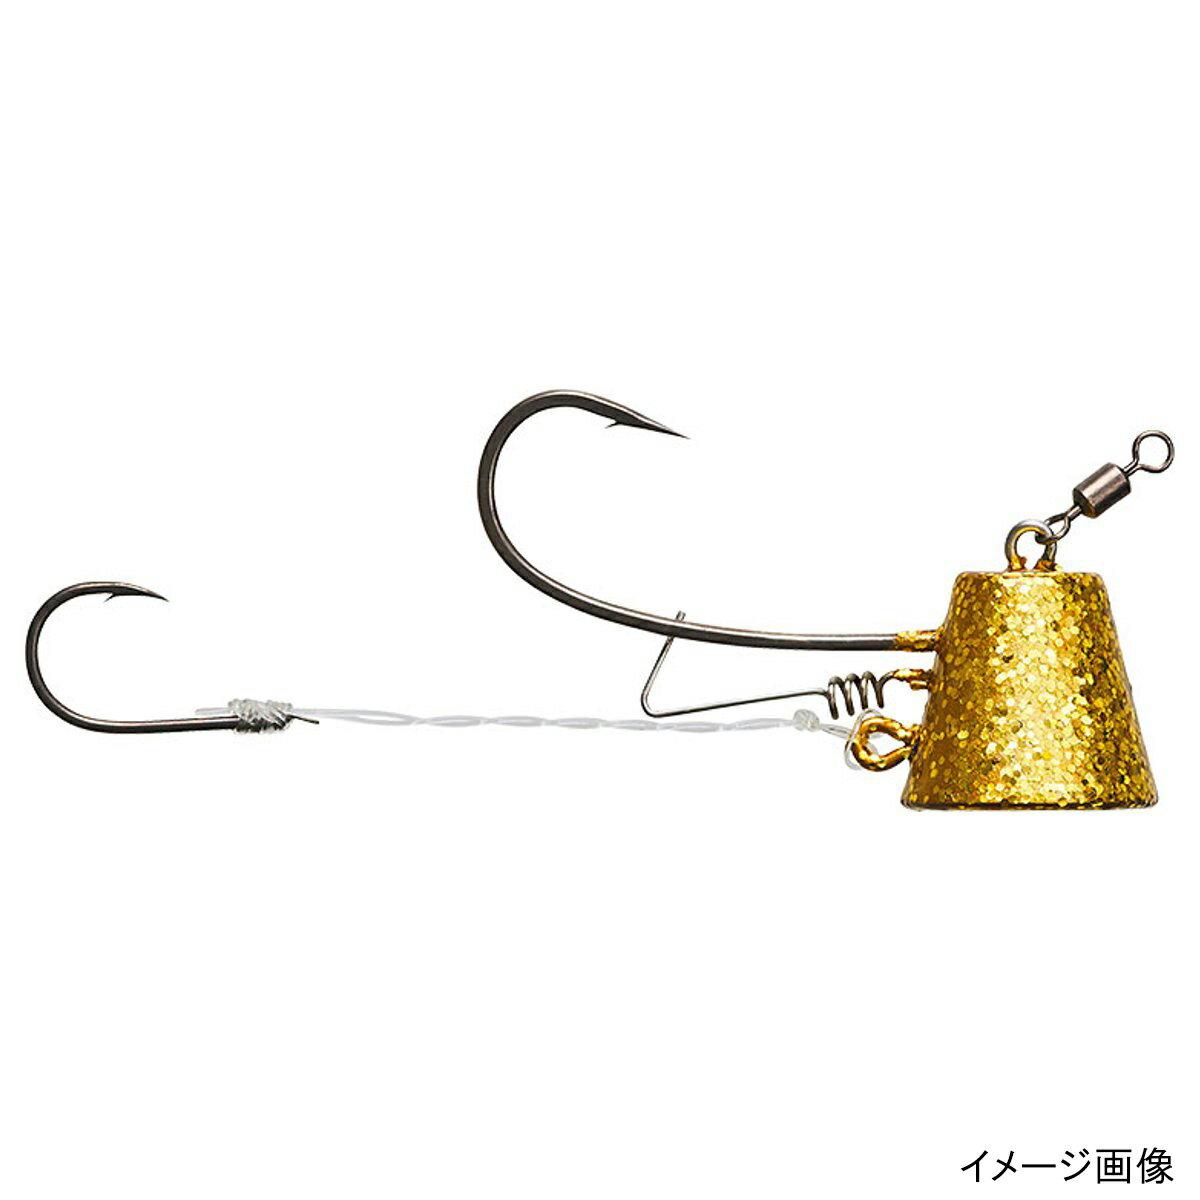 ダイワ 紅牙タイテンヤ SS エビロック 3号 ケイムラフルジャンジャンラメ(東日本店)